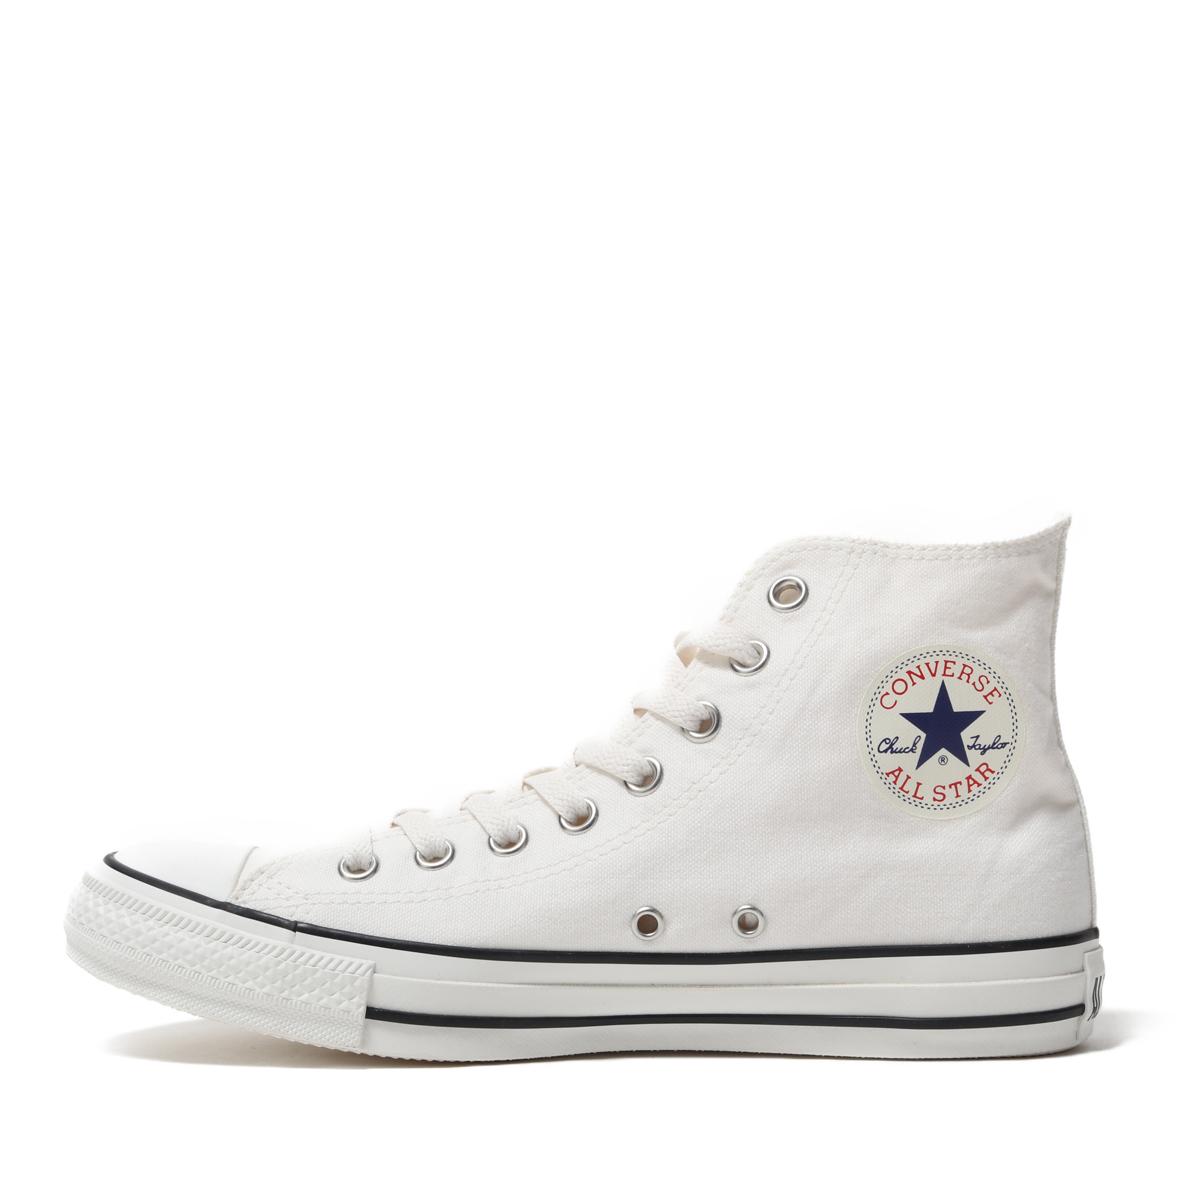 オールスター 【CONVERSE】 ウォッシュドキャンバス ハイ コンバース ALL STAR WASHEDCANVAS HI 31300172 WHITE